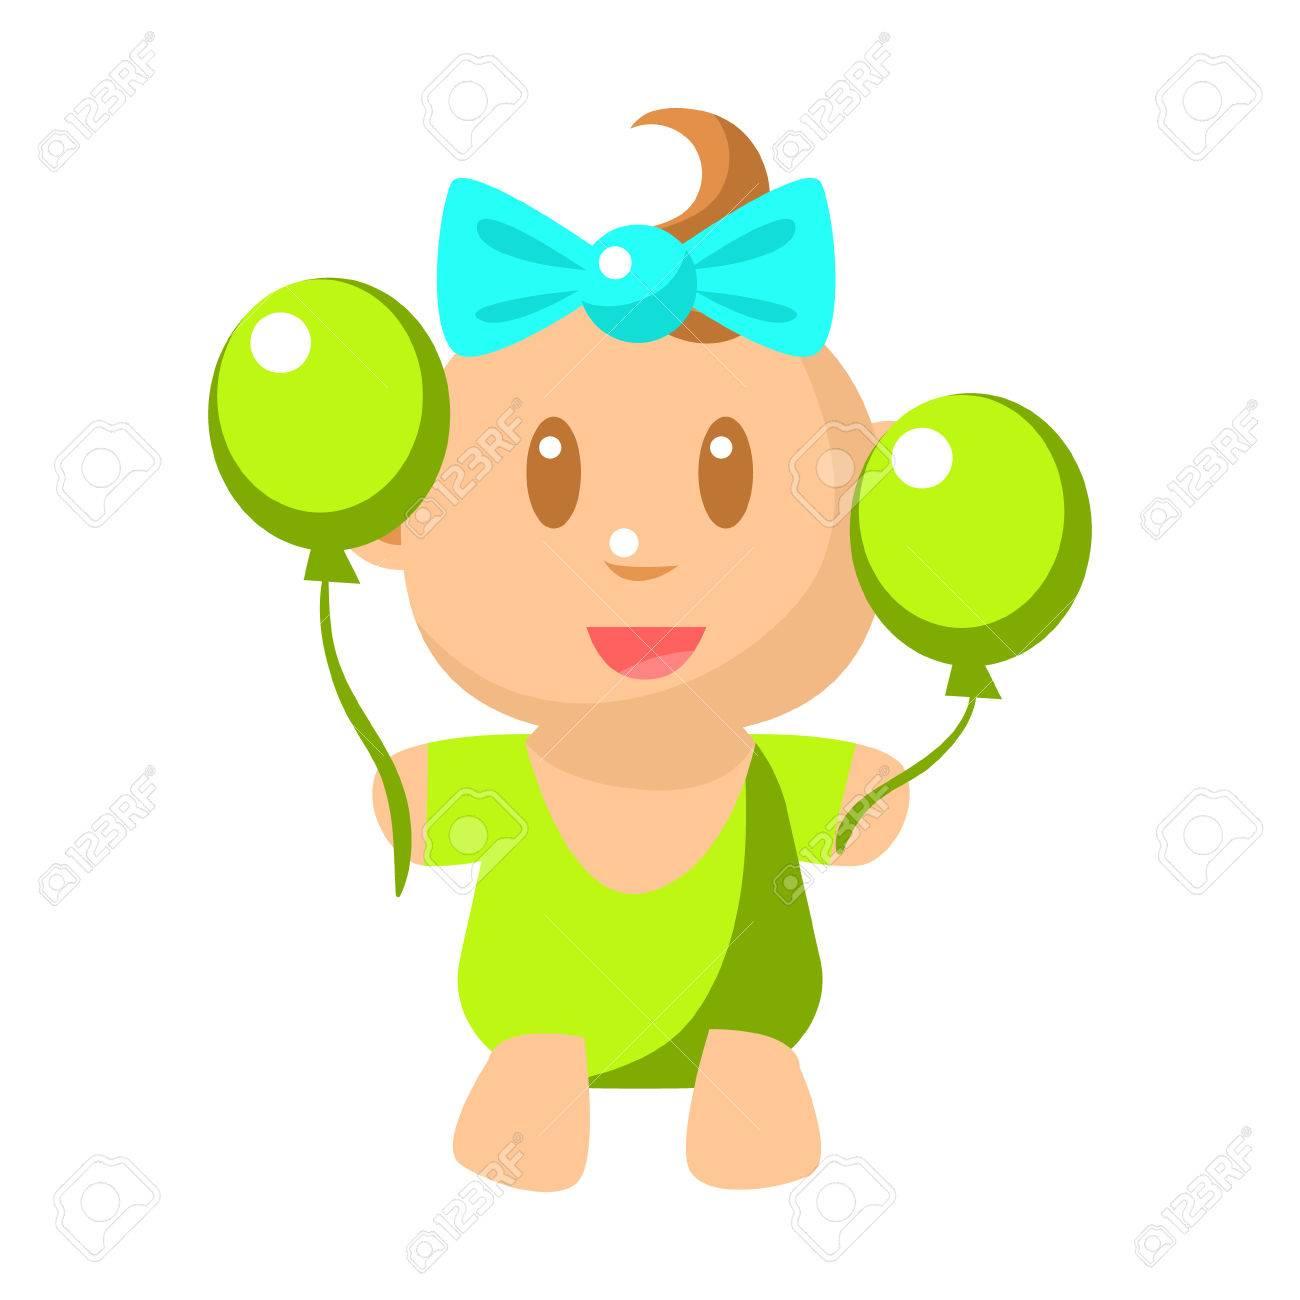 小さなハッピー ベビー女の子かわいい幼児と 2 つの風船ベクトル簡単な